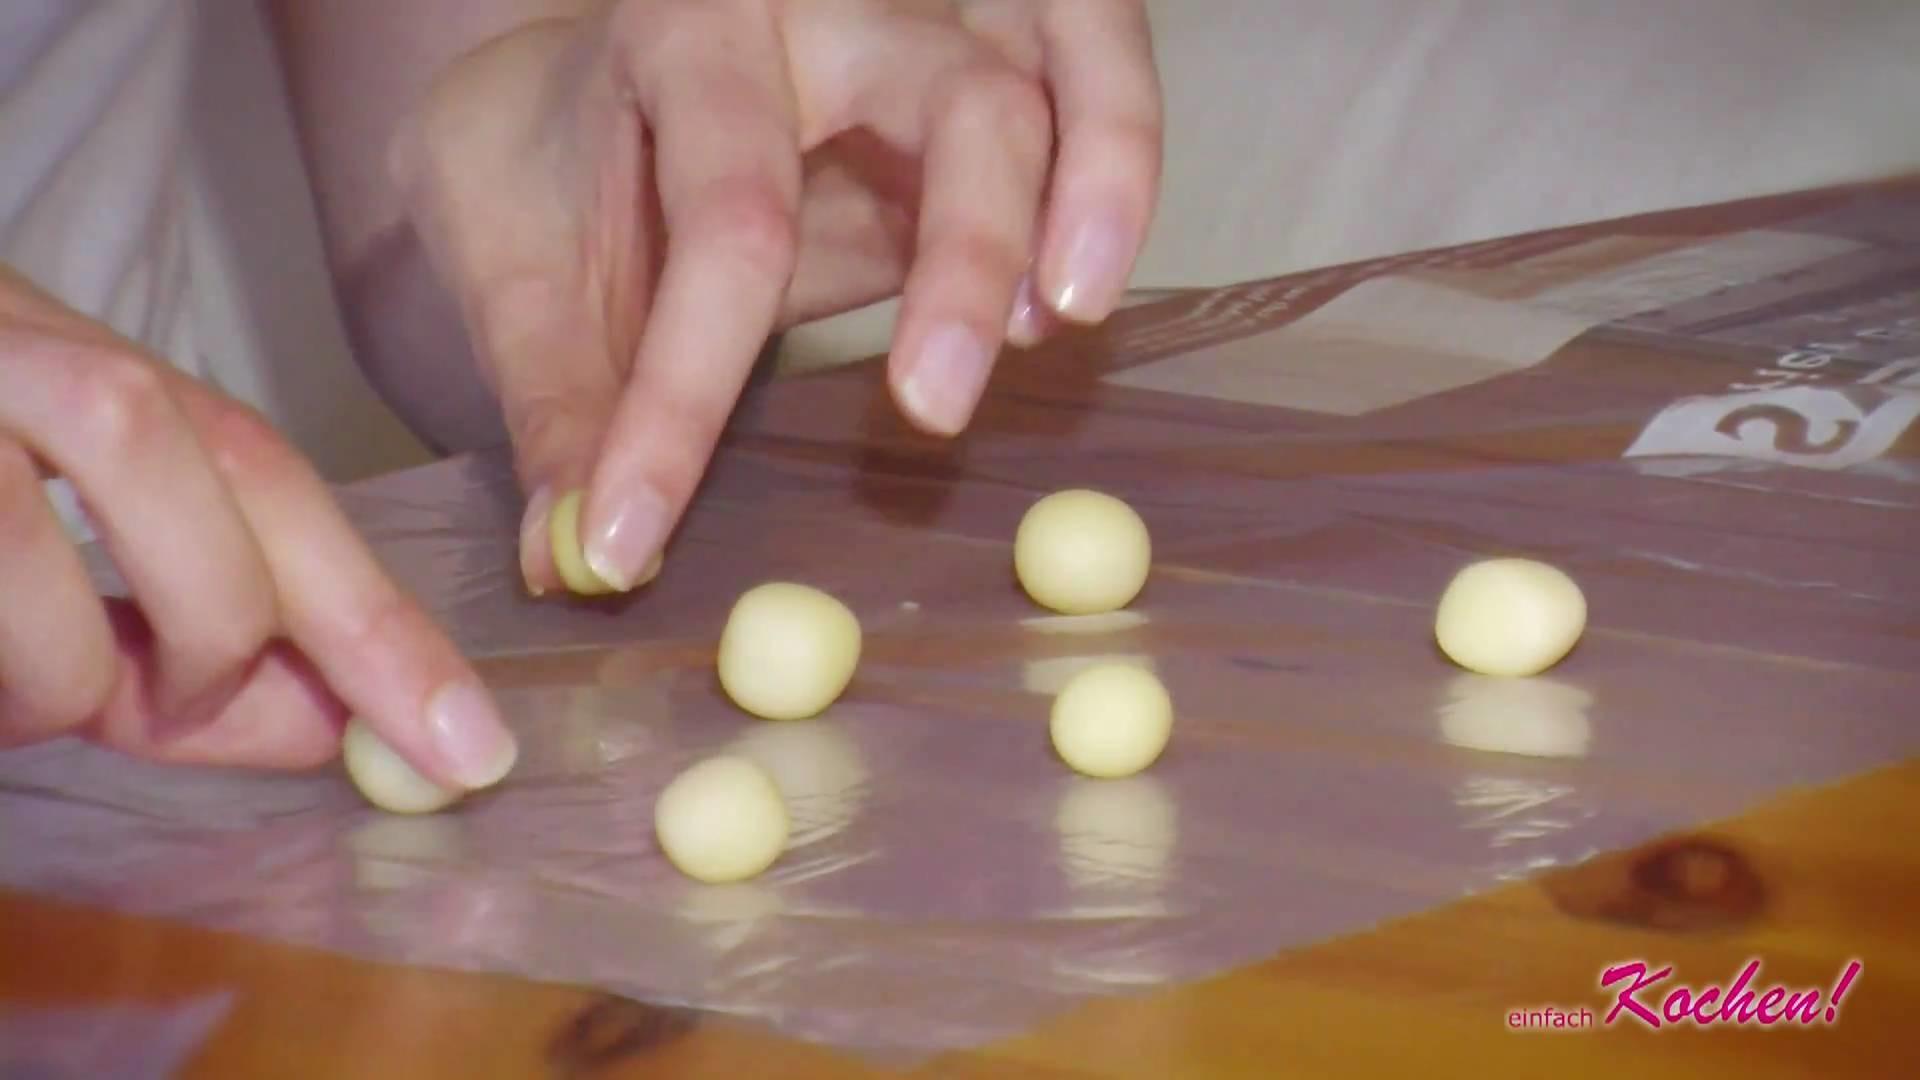 Marzipanrosen Röschen für den Kuchen selber machen Tortendekoration DIY Rosen